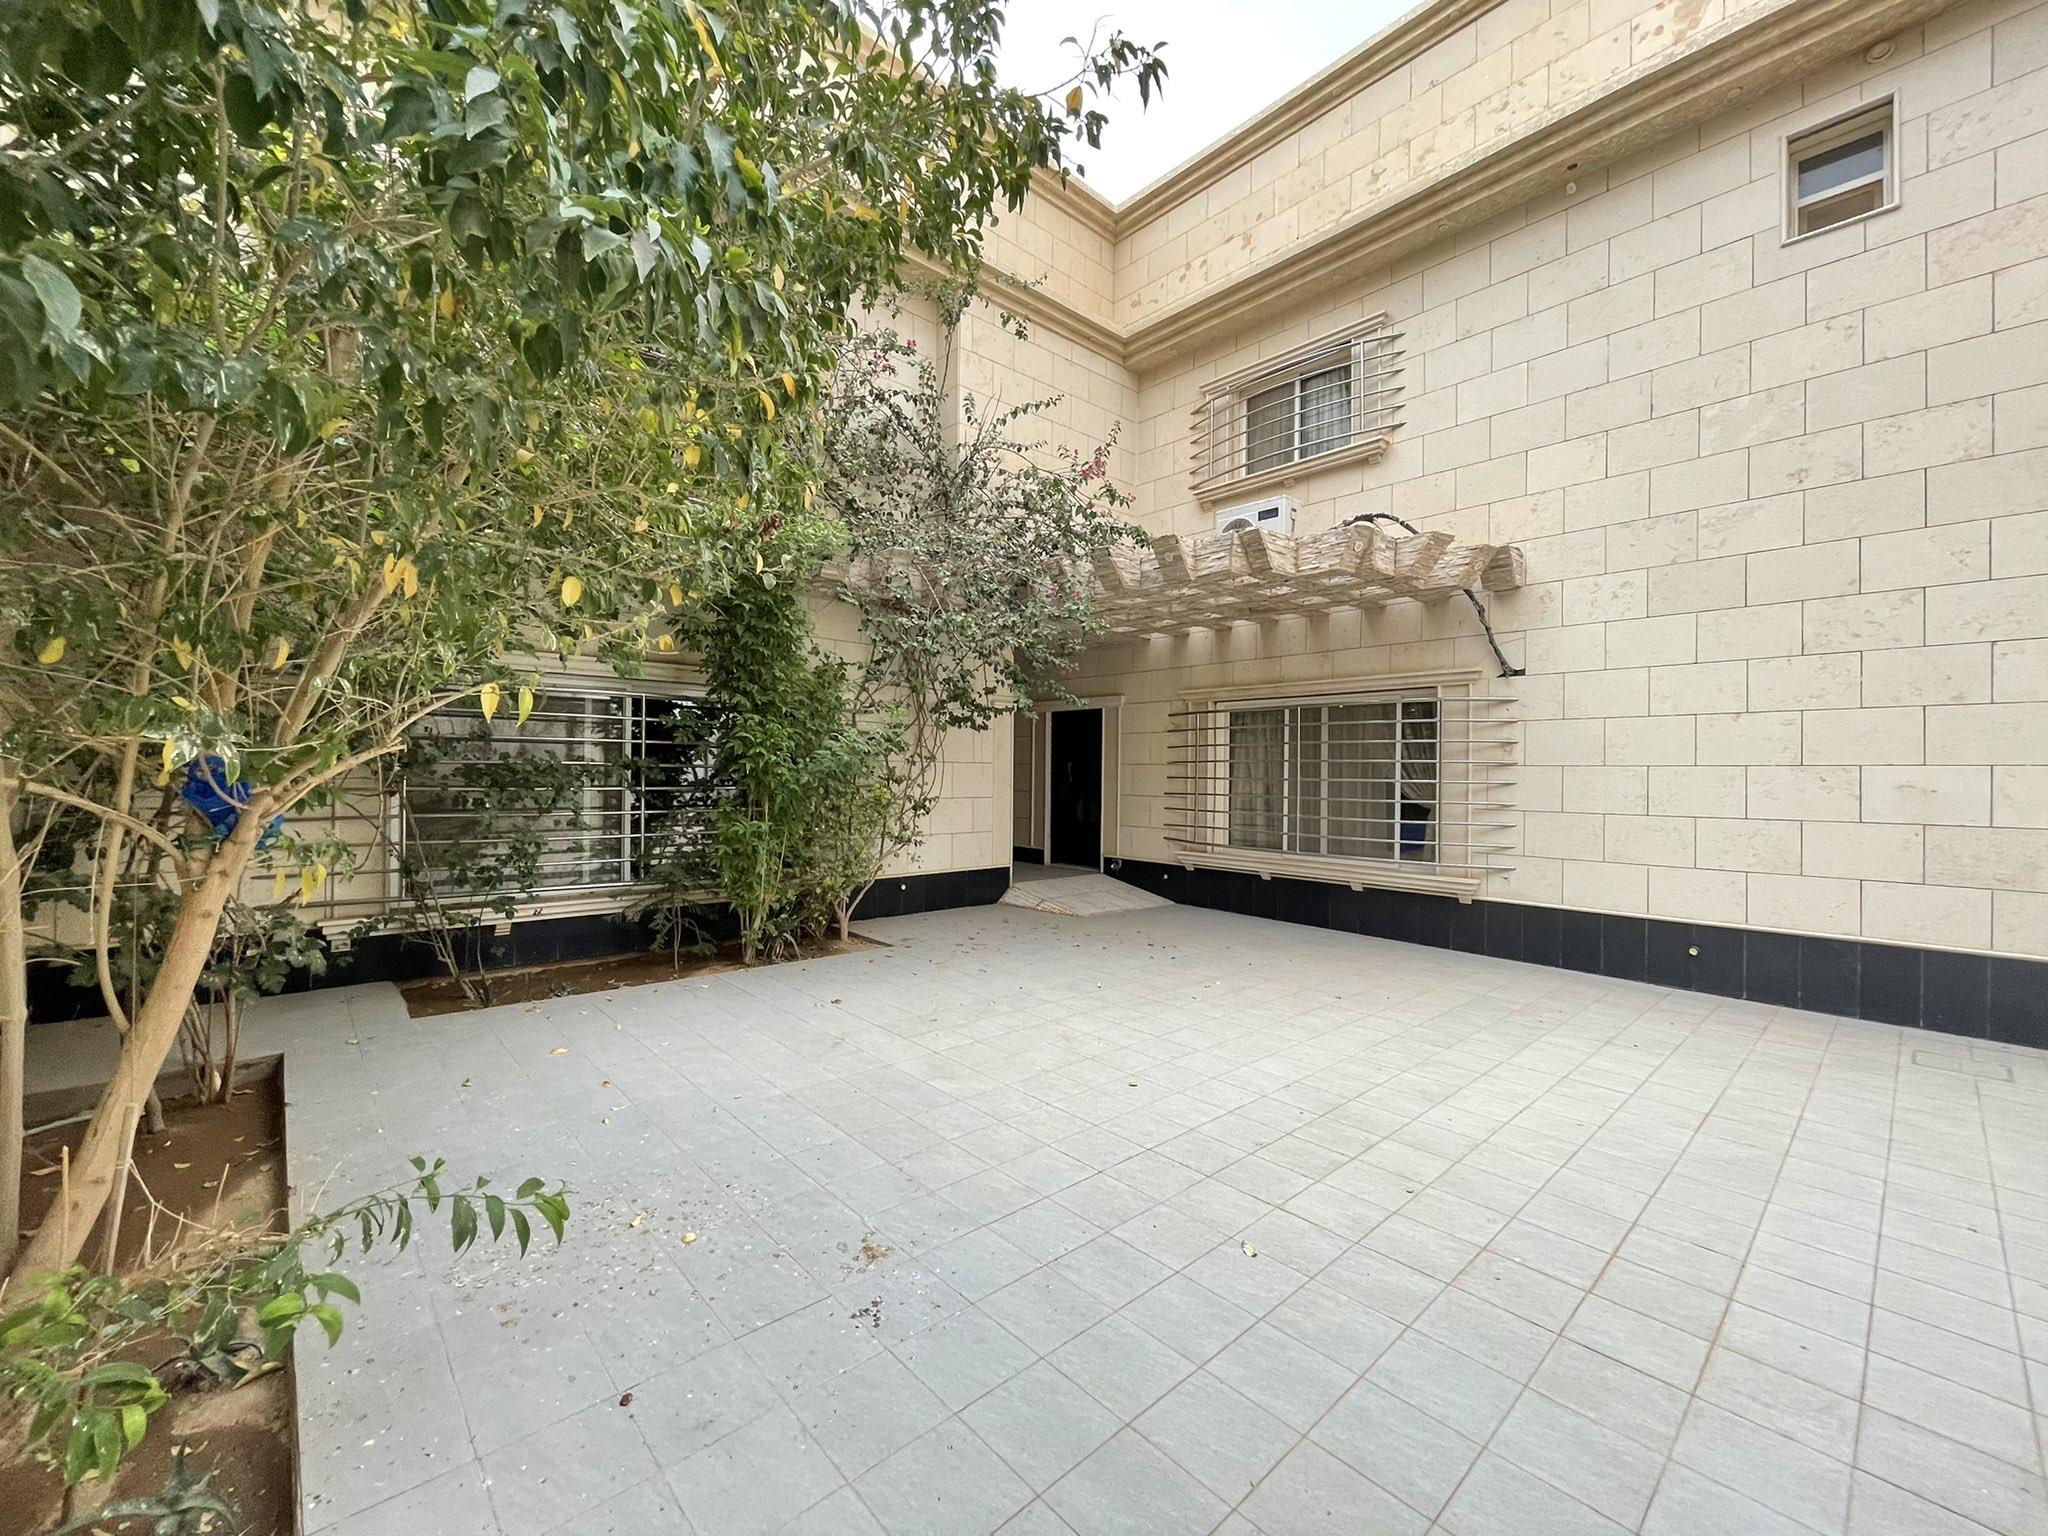 للبيع فيلا سكنية فاخرة ( بناء شخصي )  تقبل البنك العقاري الموقع: #البكيرية حي المنار